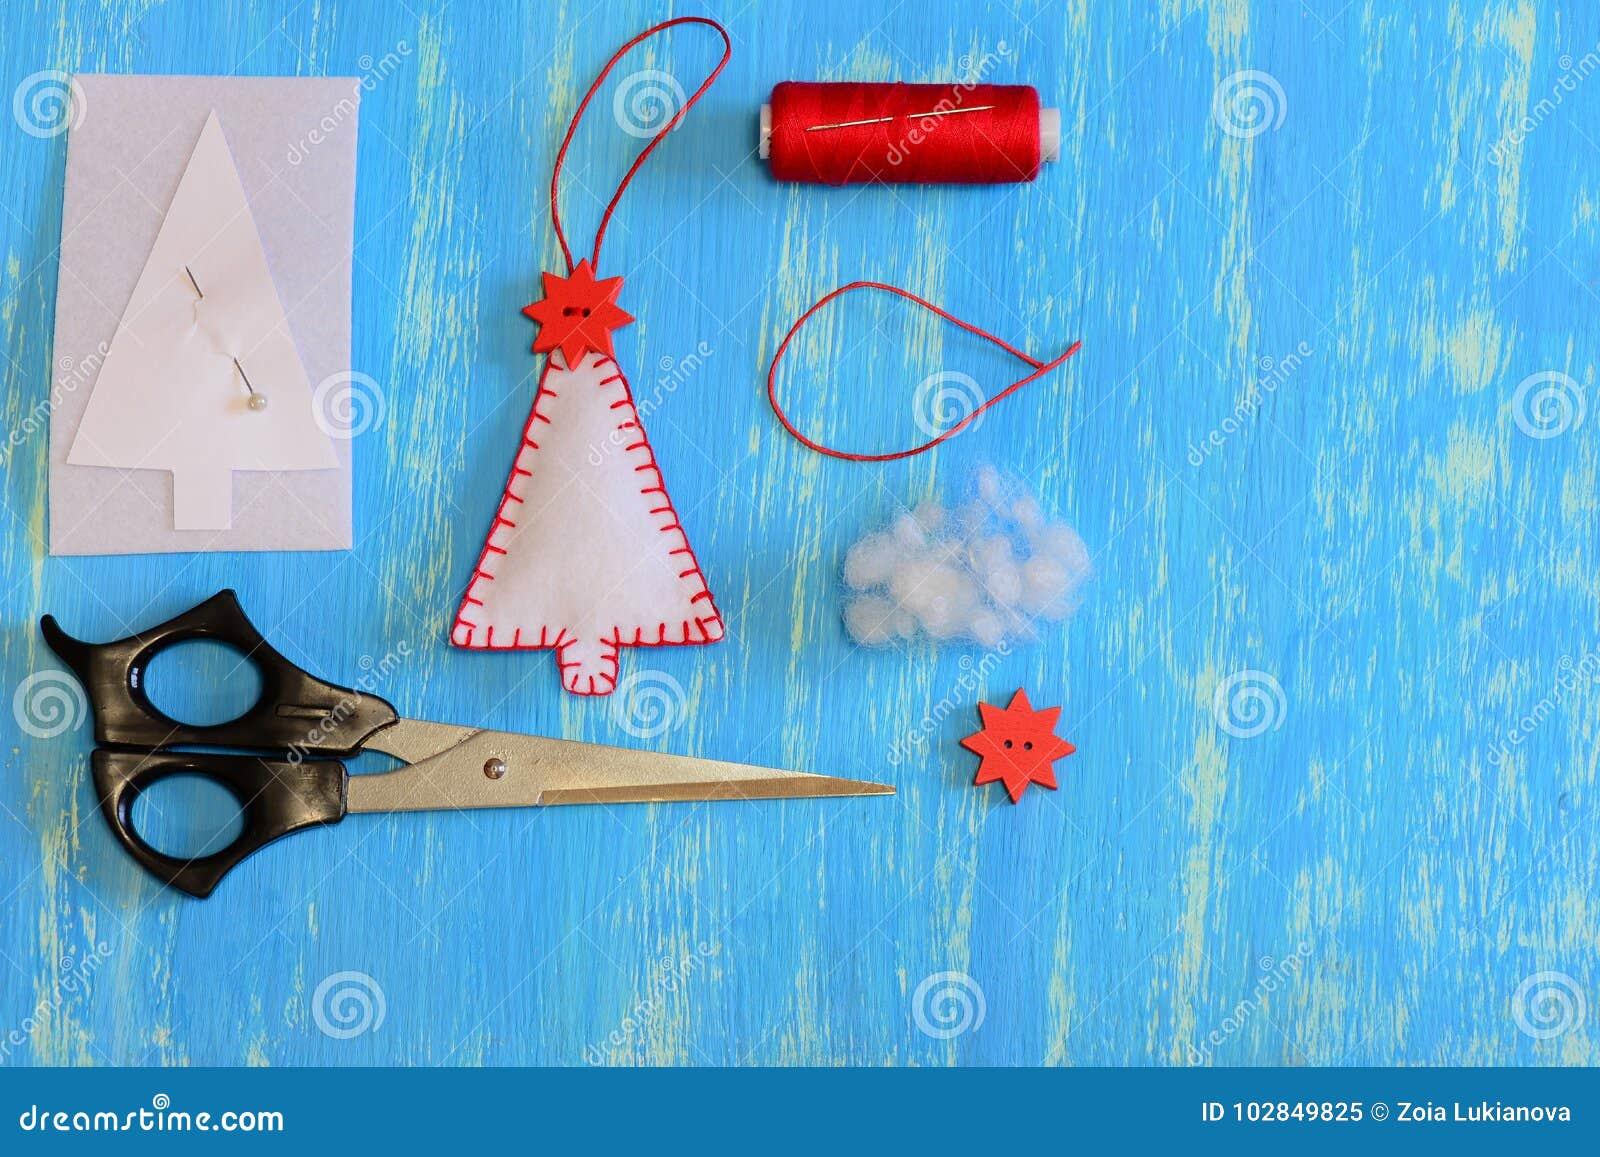 Homemade Felt Christmas Tree, Paper Template, Felt, Thread, Needle ...